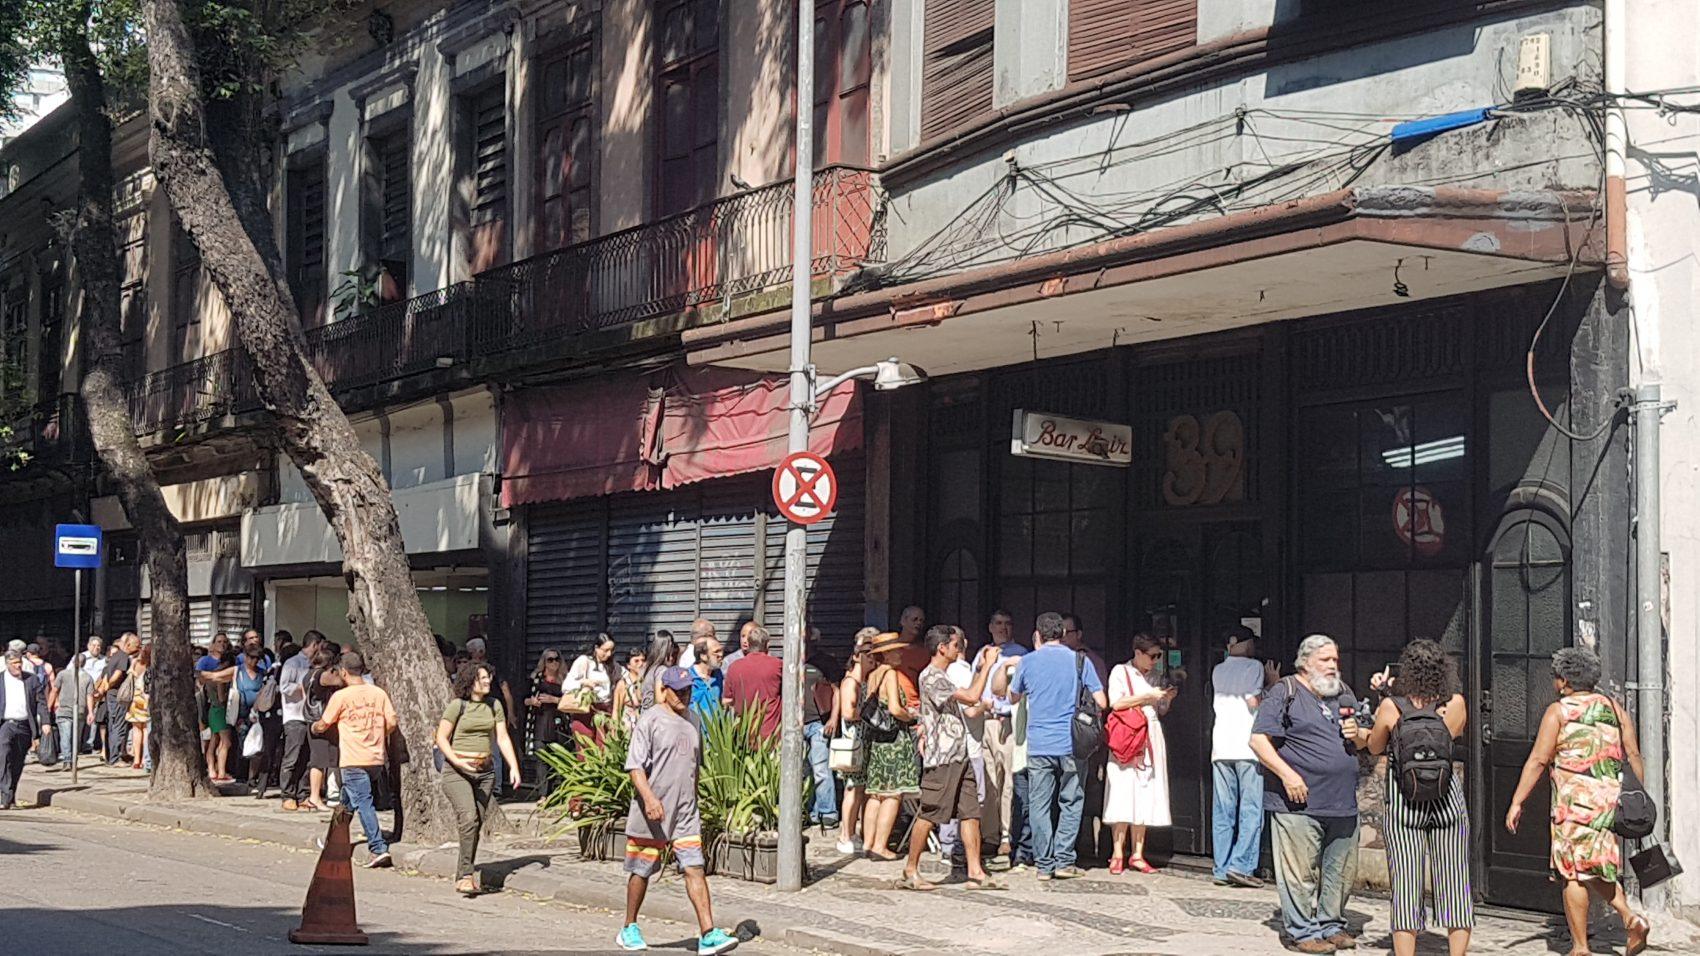 Fila de clientes na porta do Bar Luiz: anúncio de fechamento de restaurante centenário provoca comoção na cidade (Foto: Oscar Valporto)